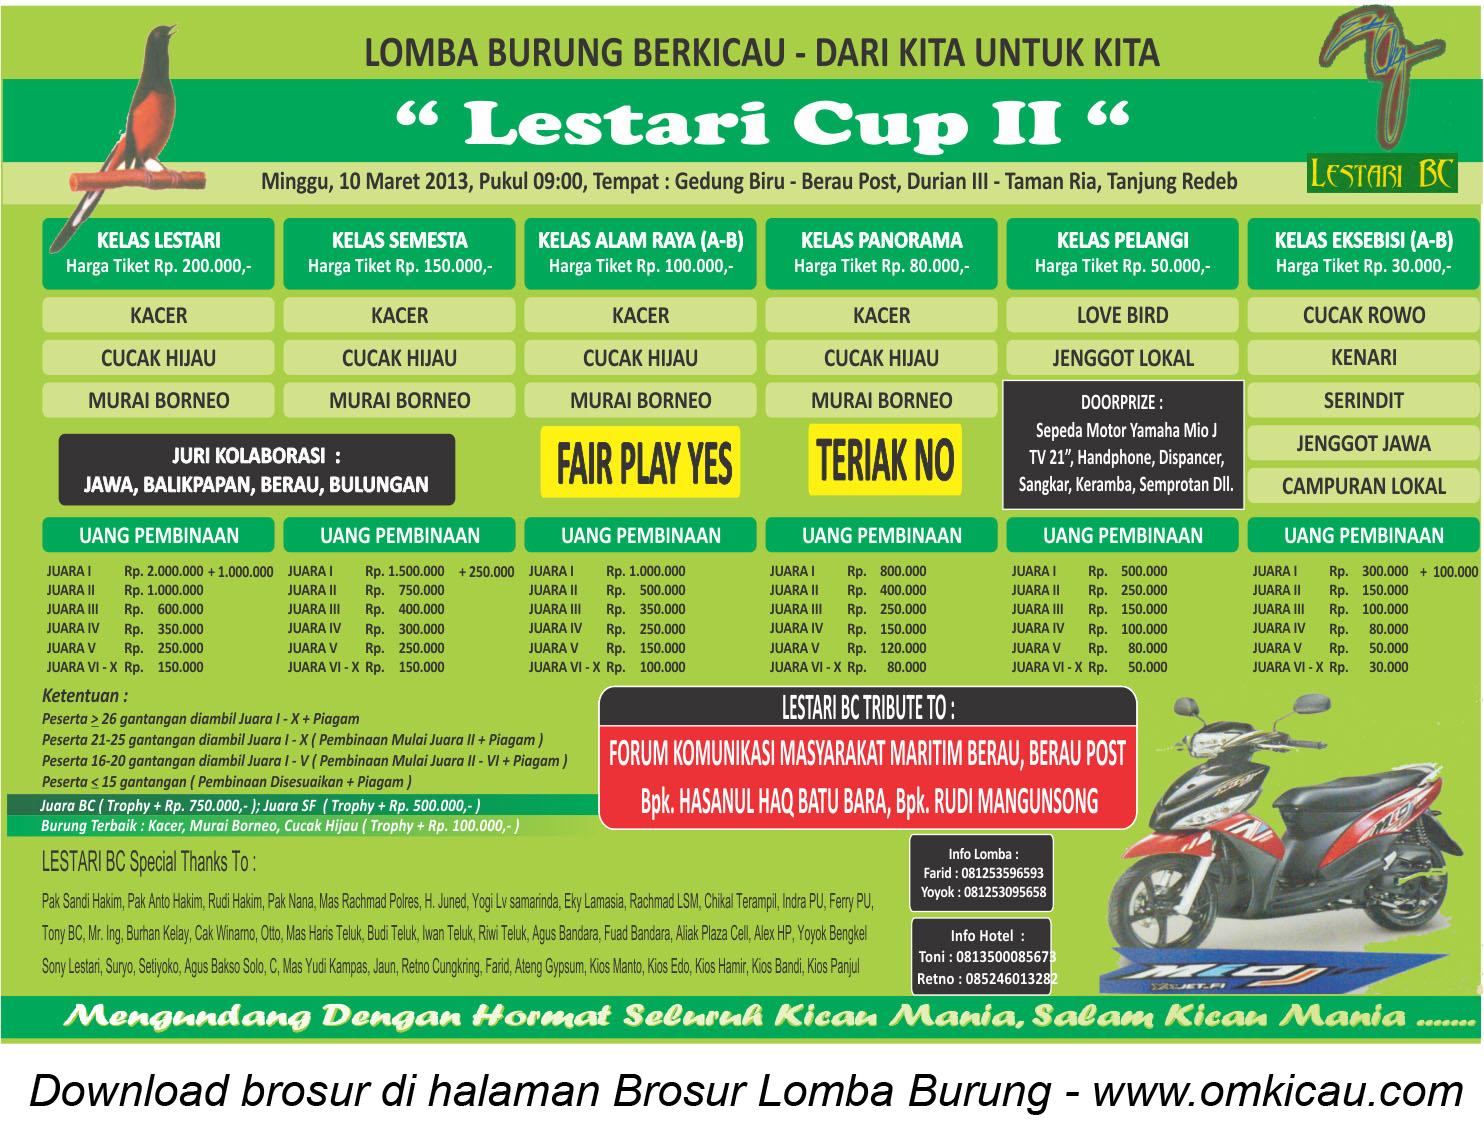 Brosur Lomba Burung Lestari Cup